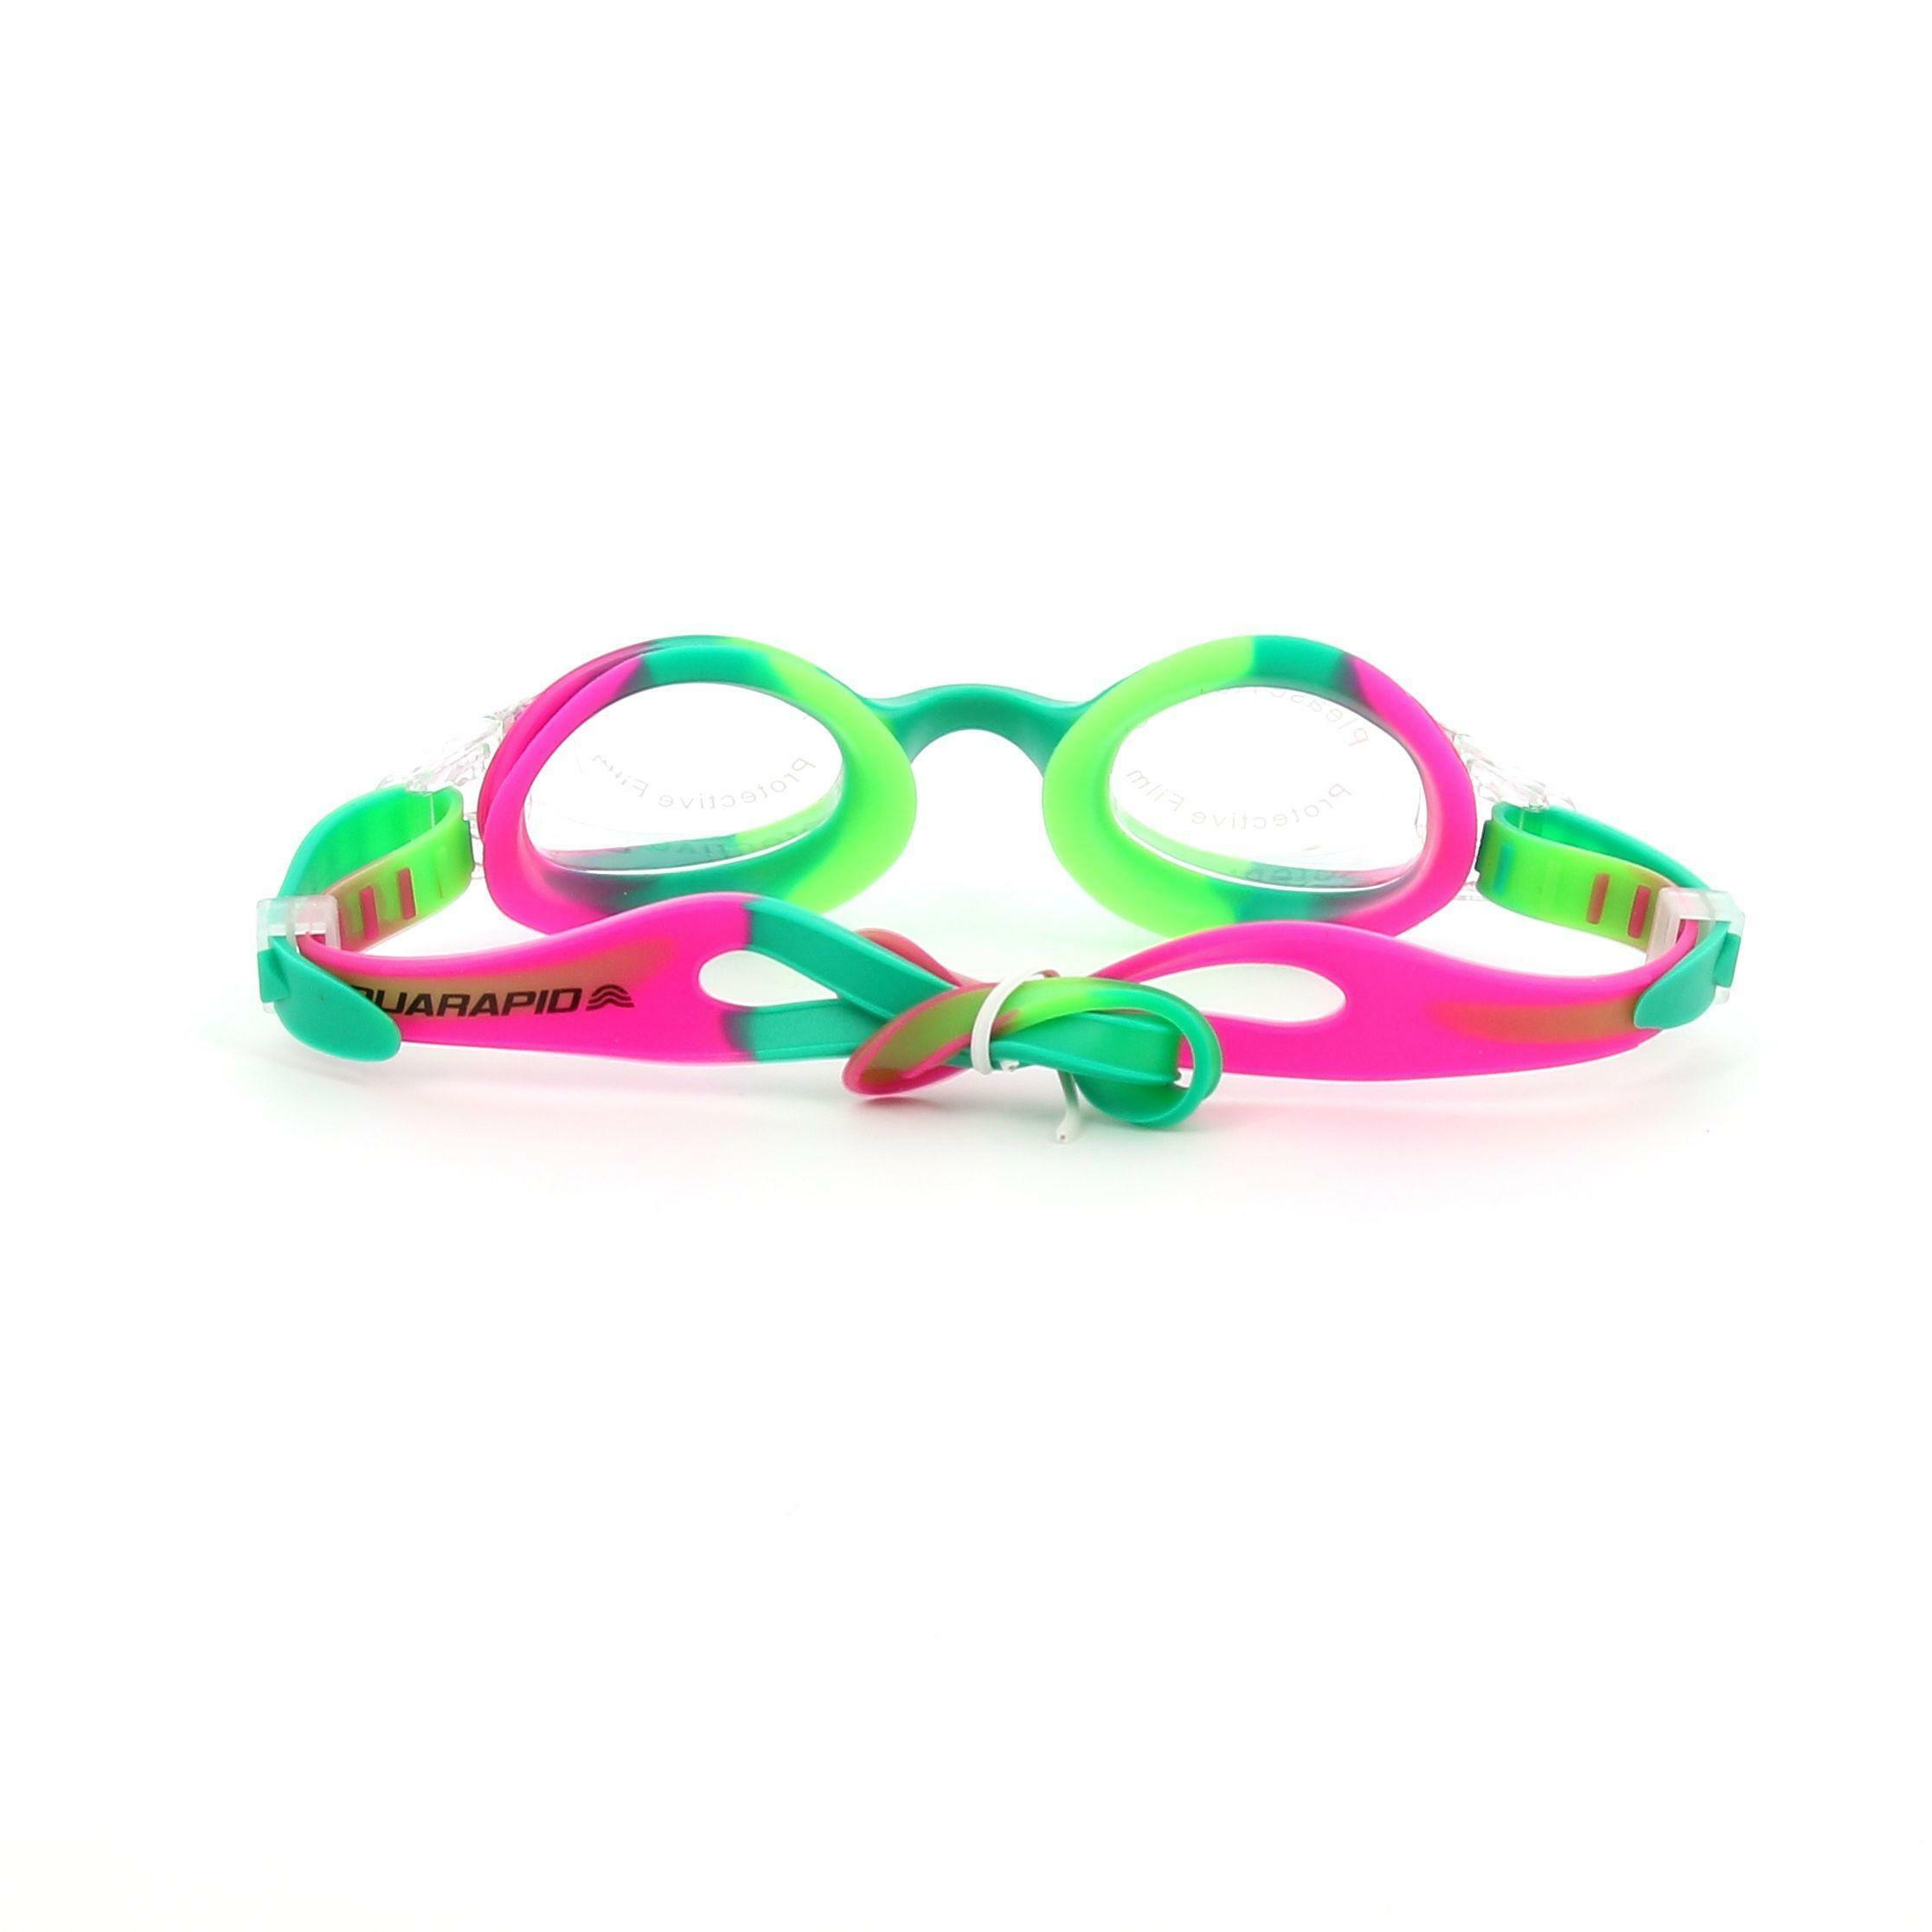 aquarapid aquarapid occhialino swimkid bambino unisex fuxia verde